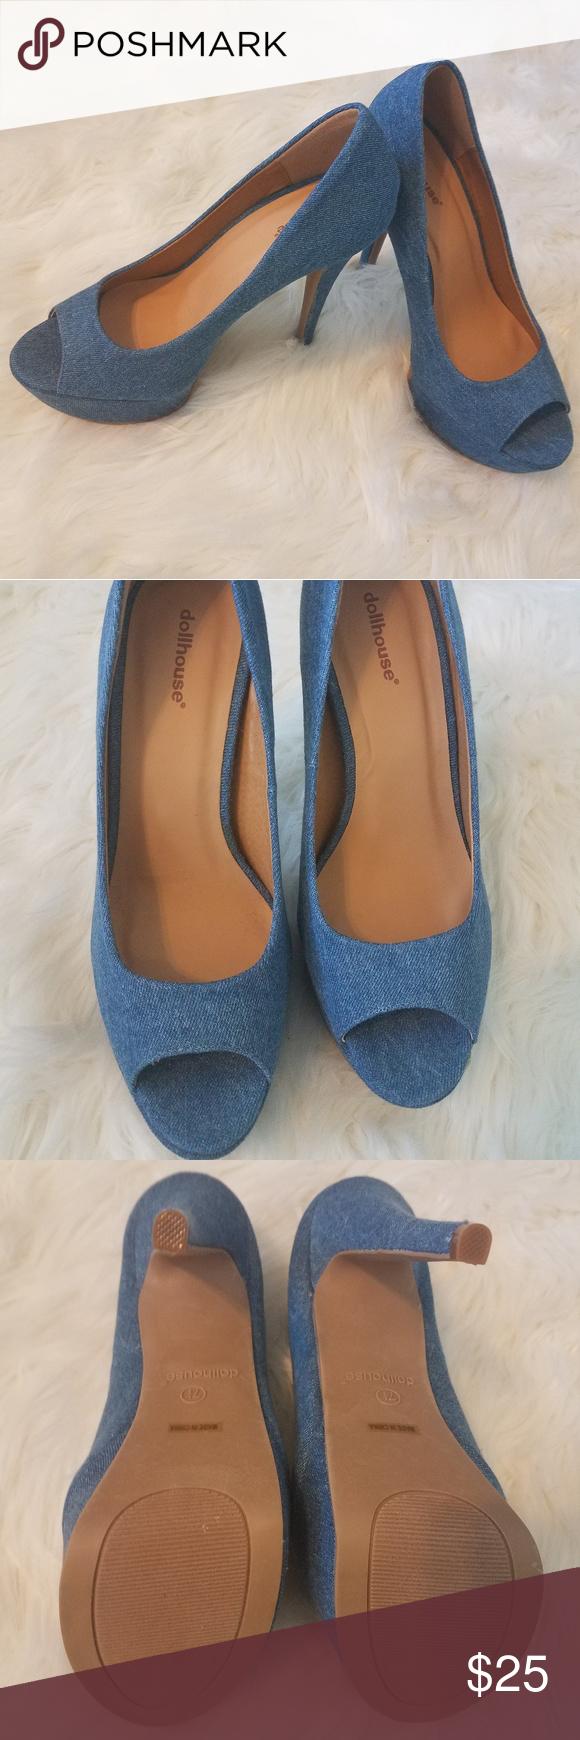 6ff26e1e44 Denim Dollhouse Shoes NWOT - never worn 5